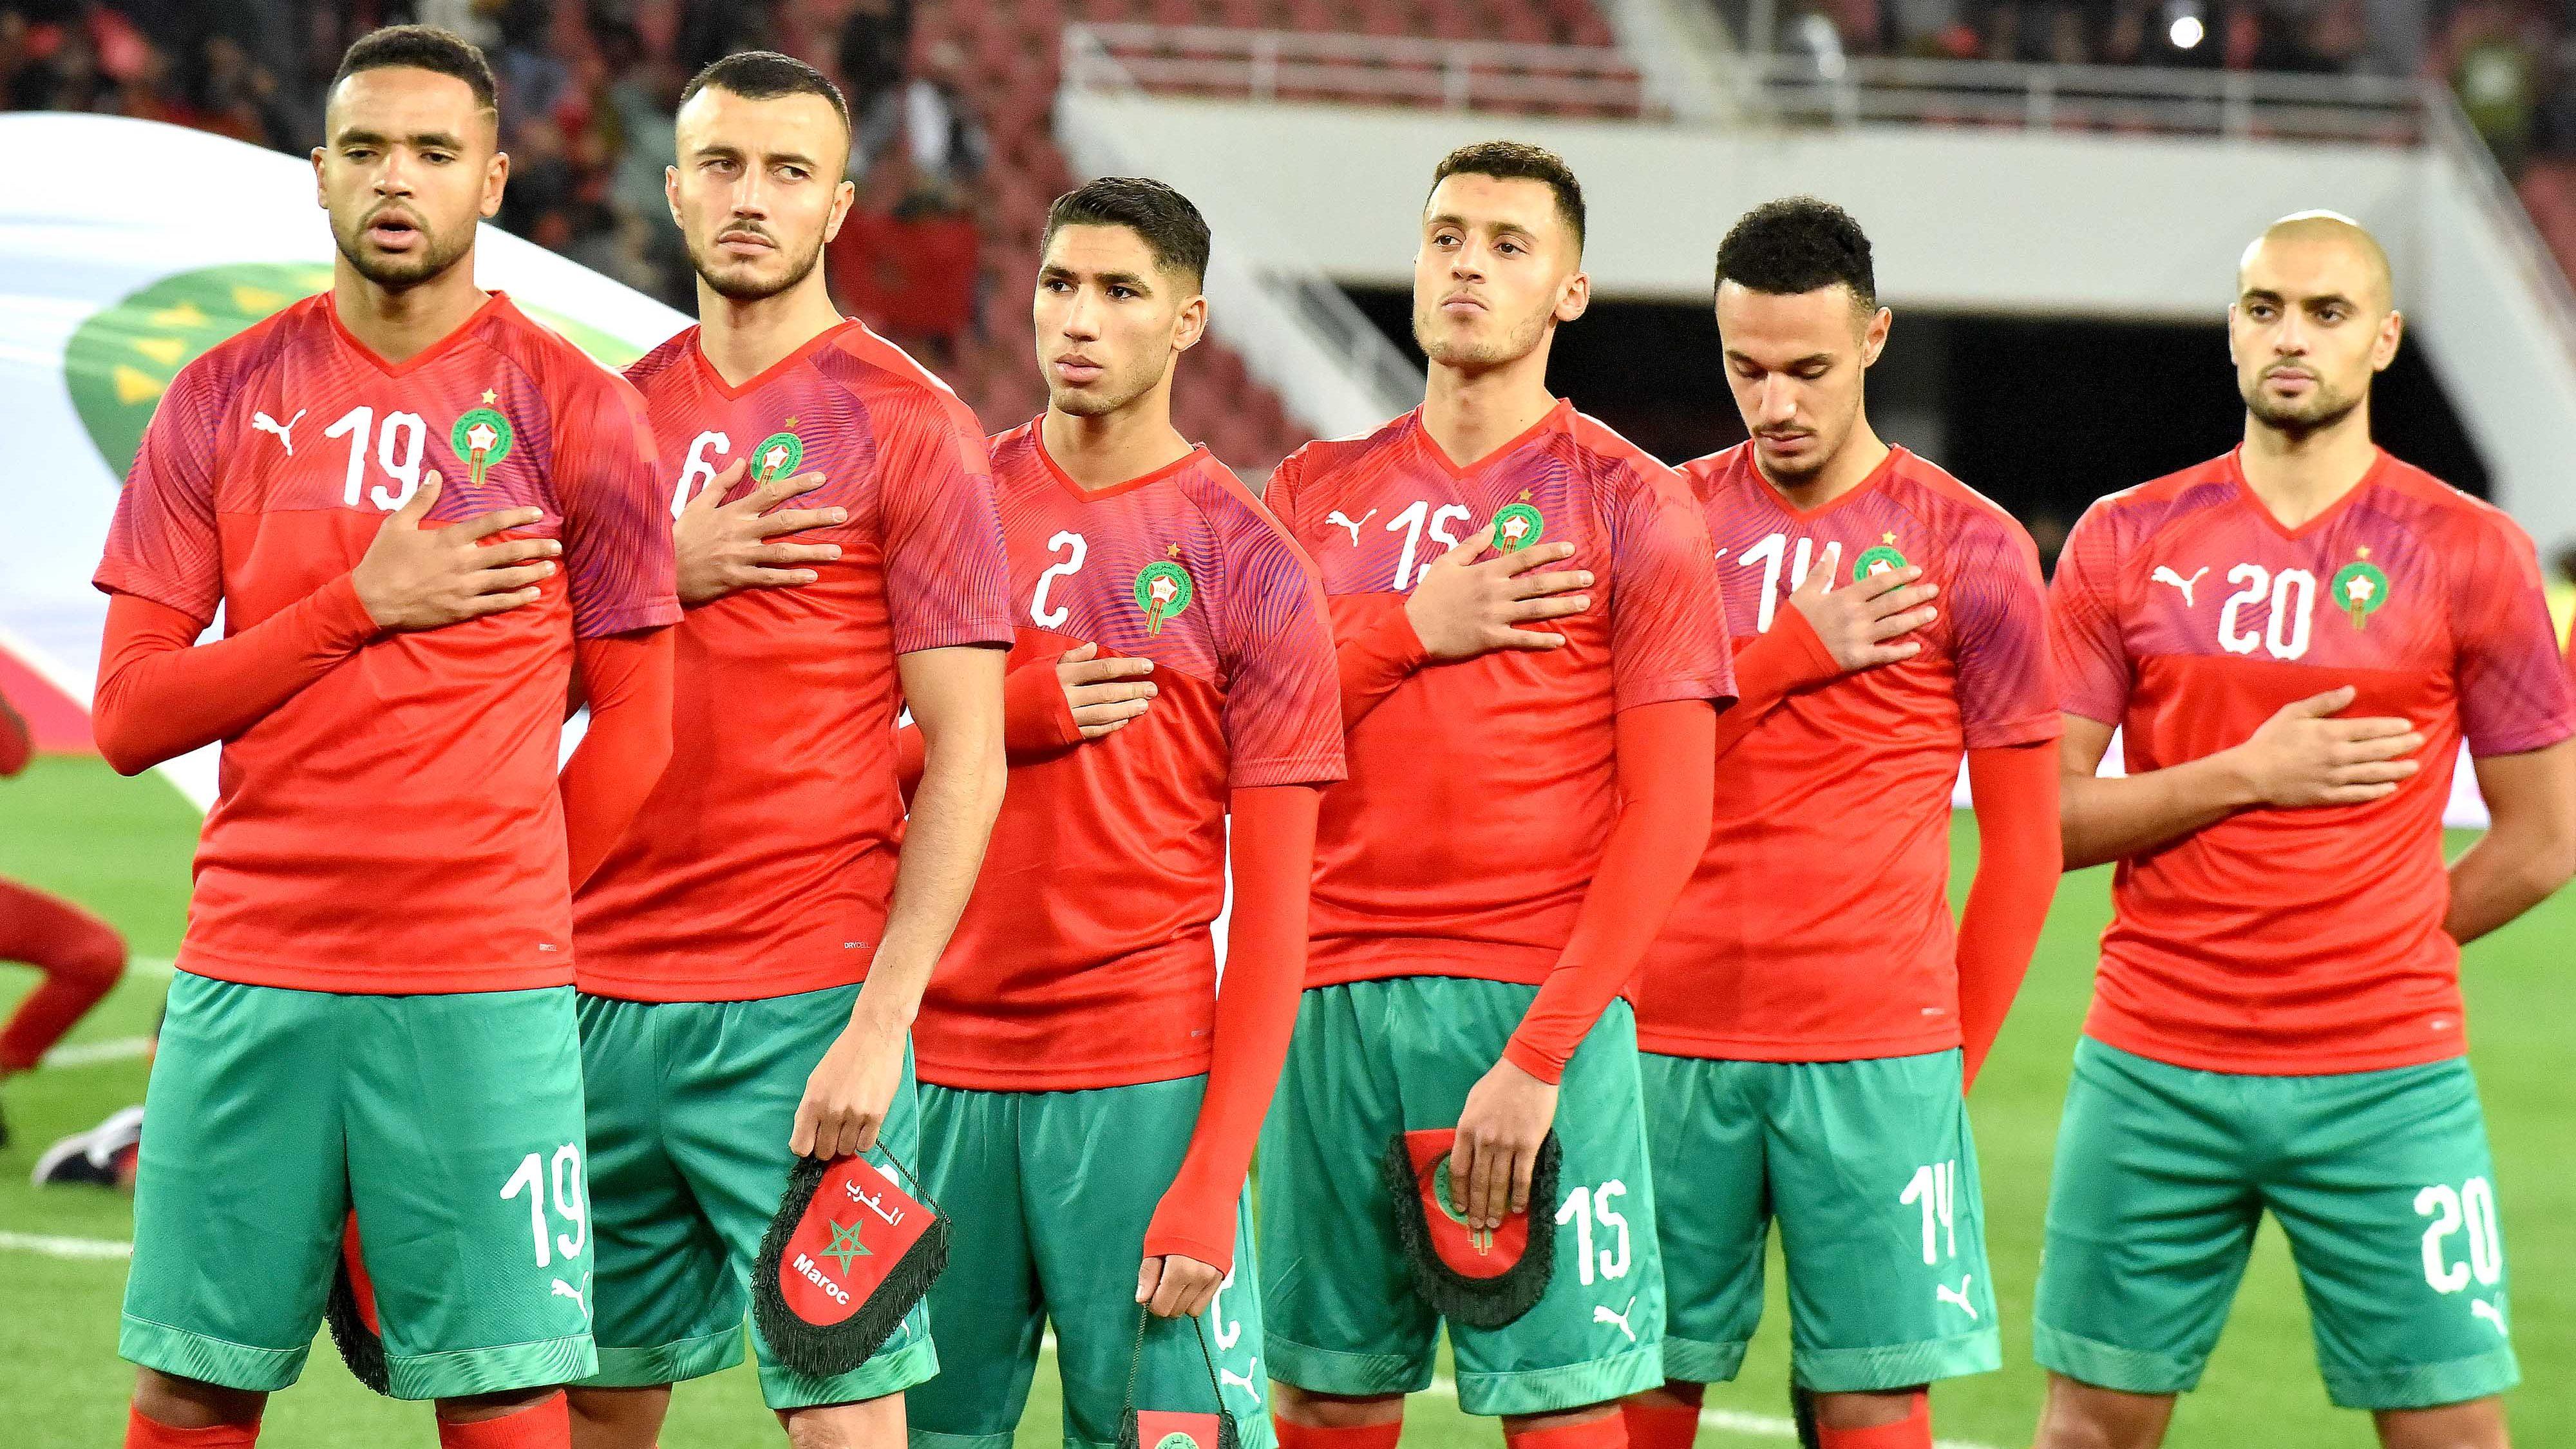 التشكيلة المحتملة للمنتخب المغربي أمام بوروندي